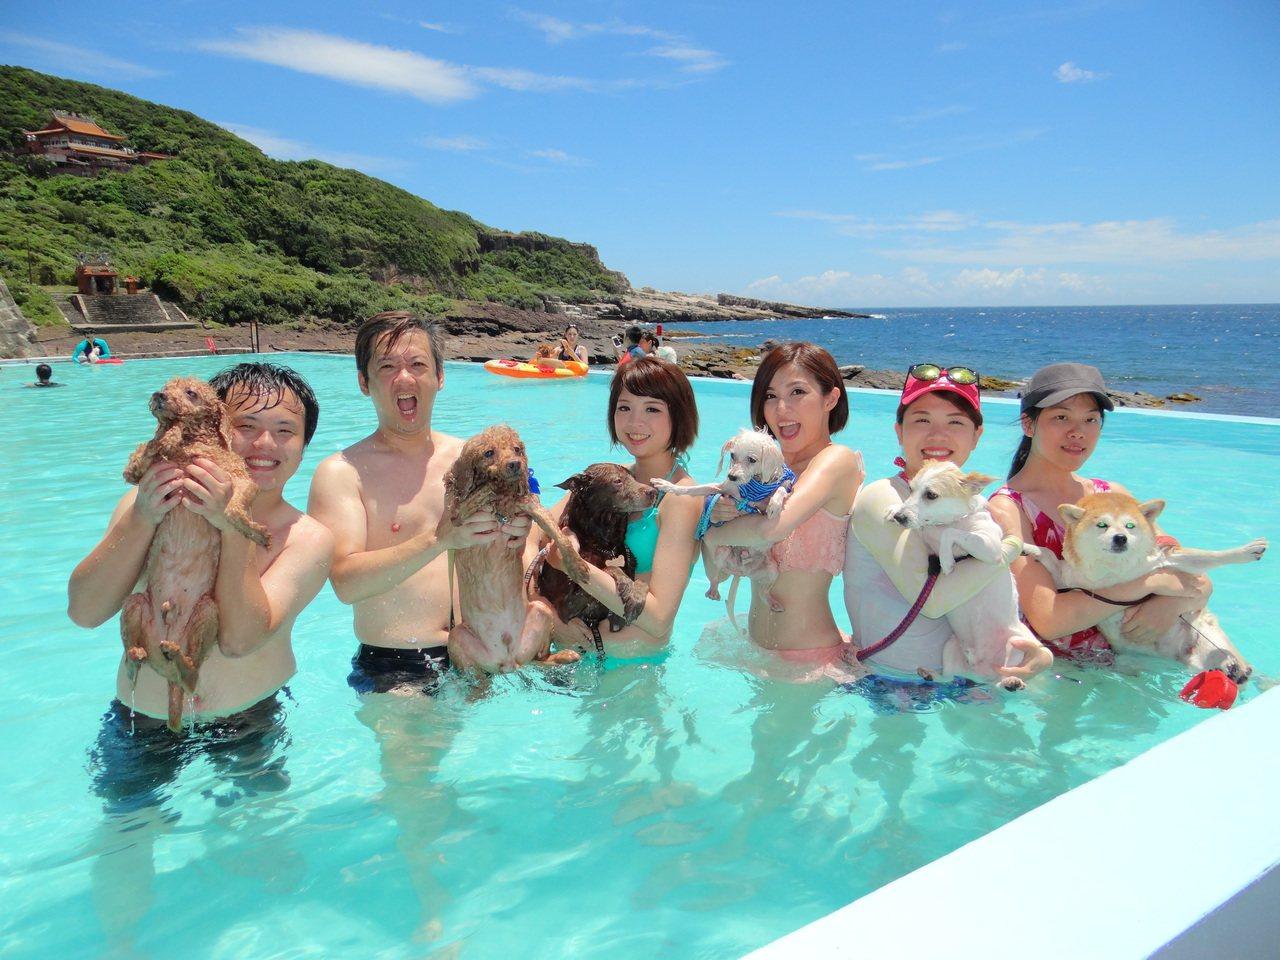 飼主帶毛小孩一起游泳消暑。記者游明煌/翻攝